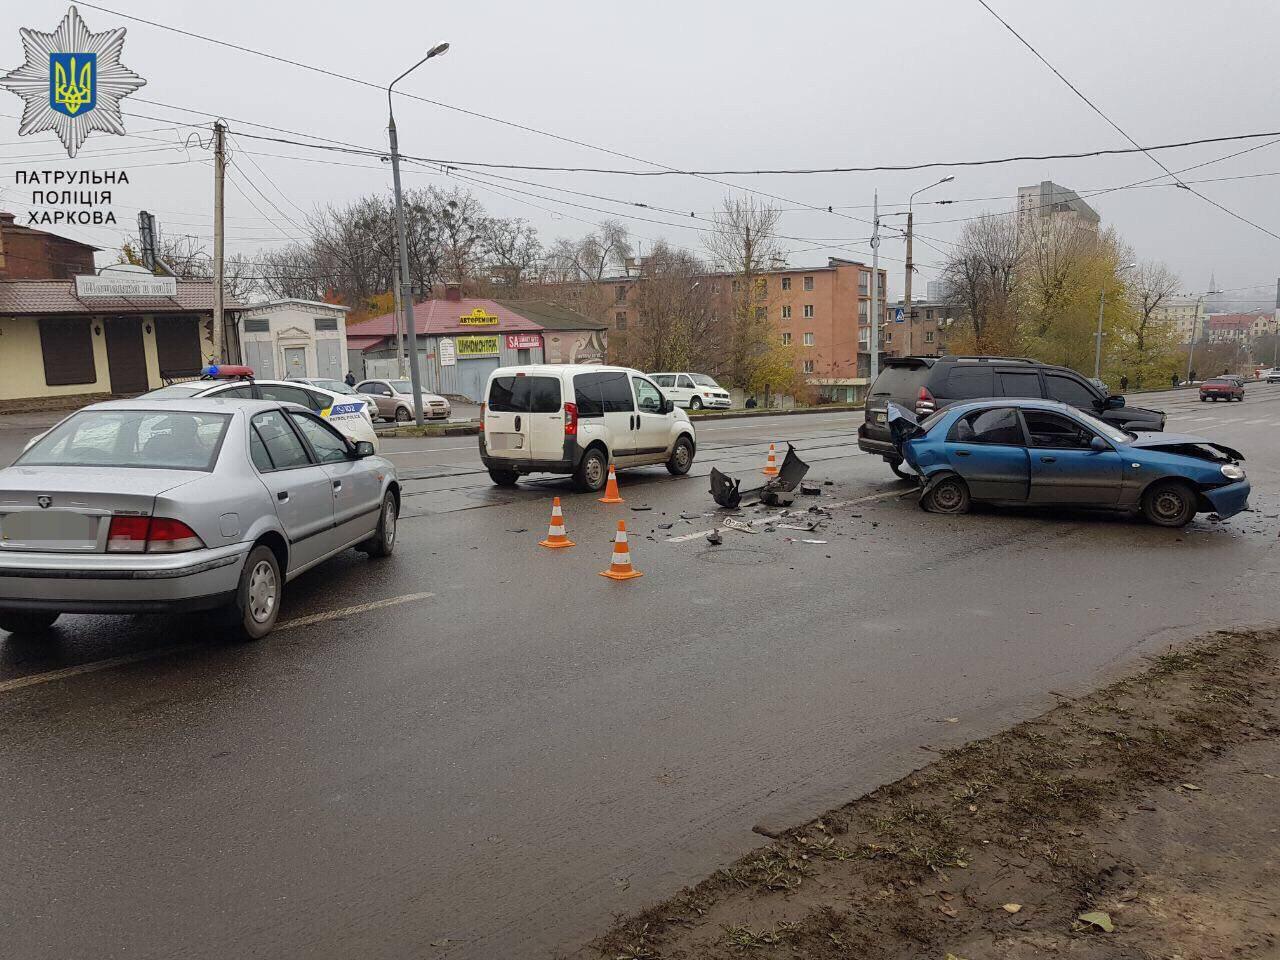 http://gx.net.ua/news_images/1510319159.jpg